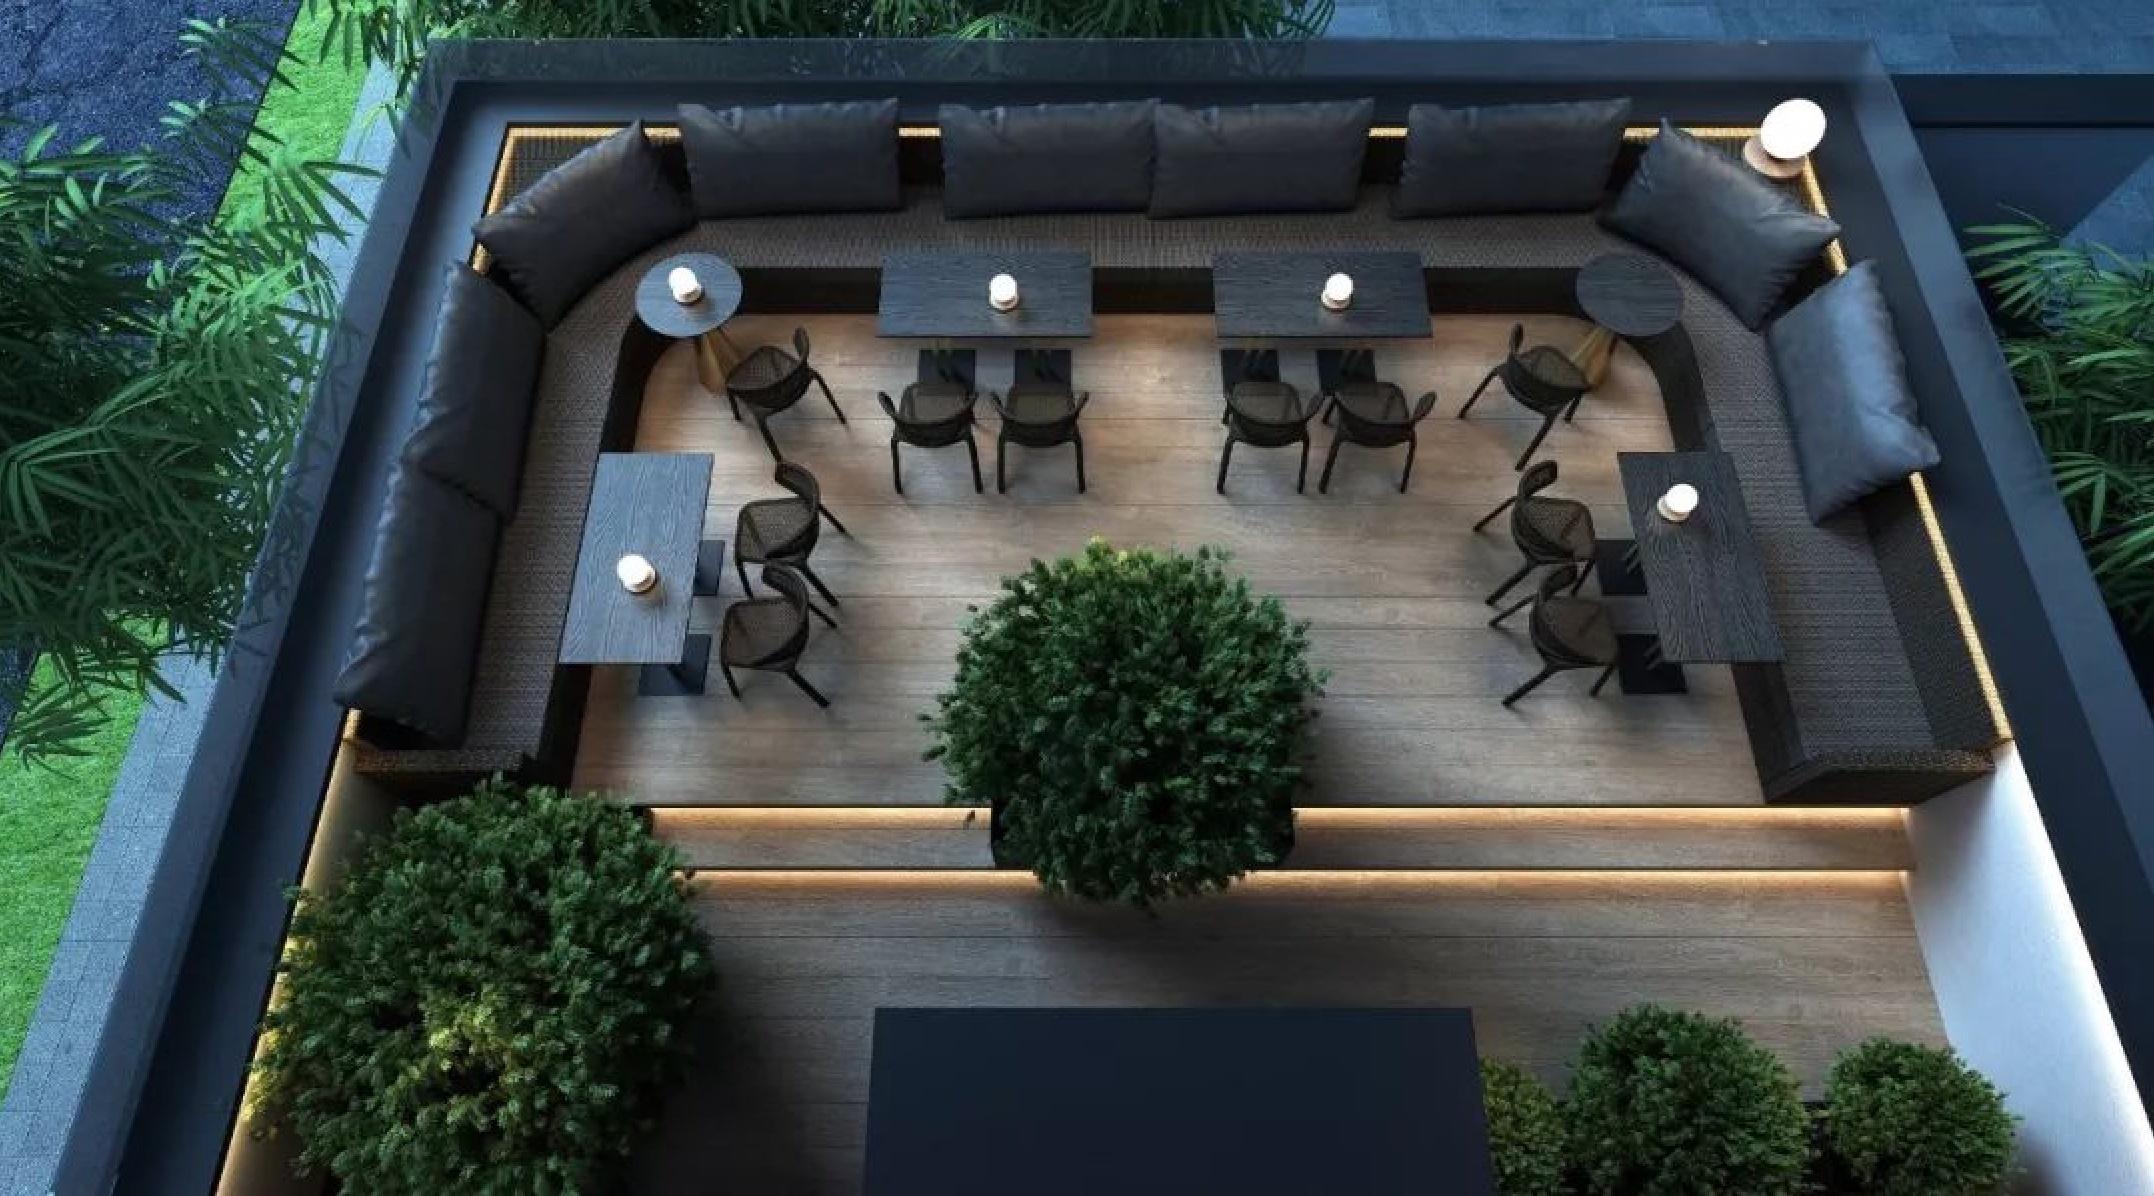 酒吧商业空间设计-INS19966a0391e9d176ce5474ba9045bc82d28e